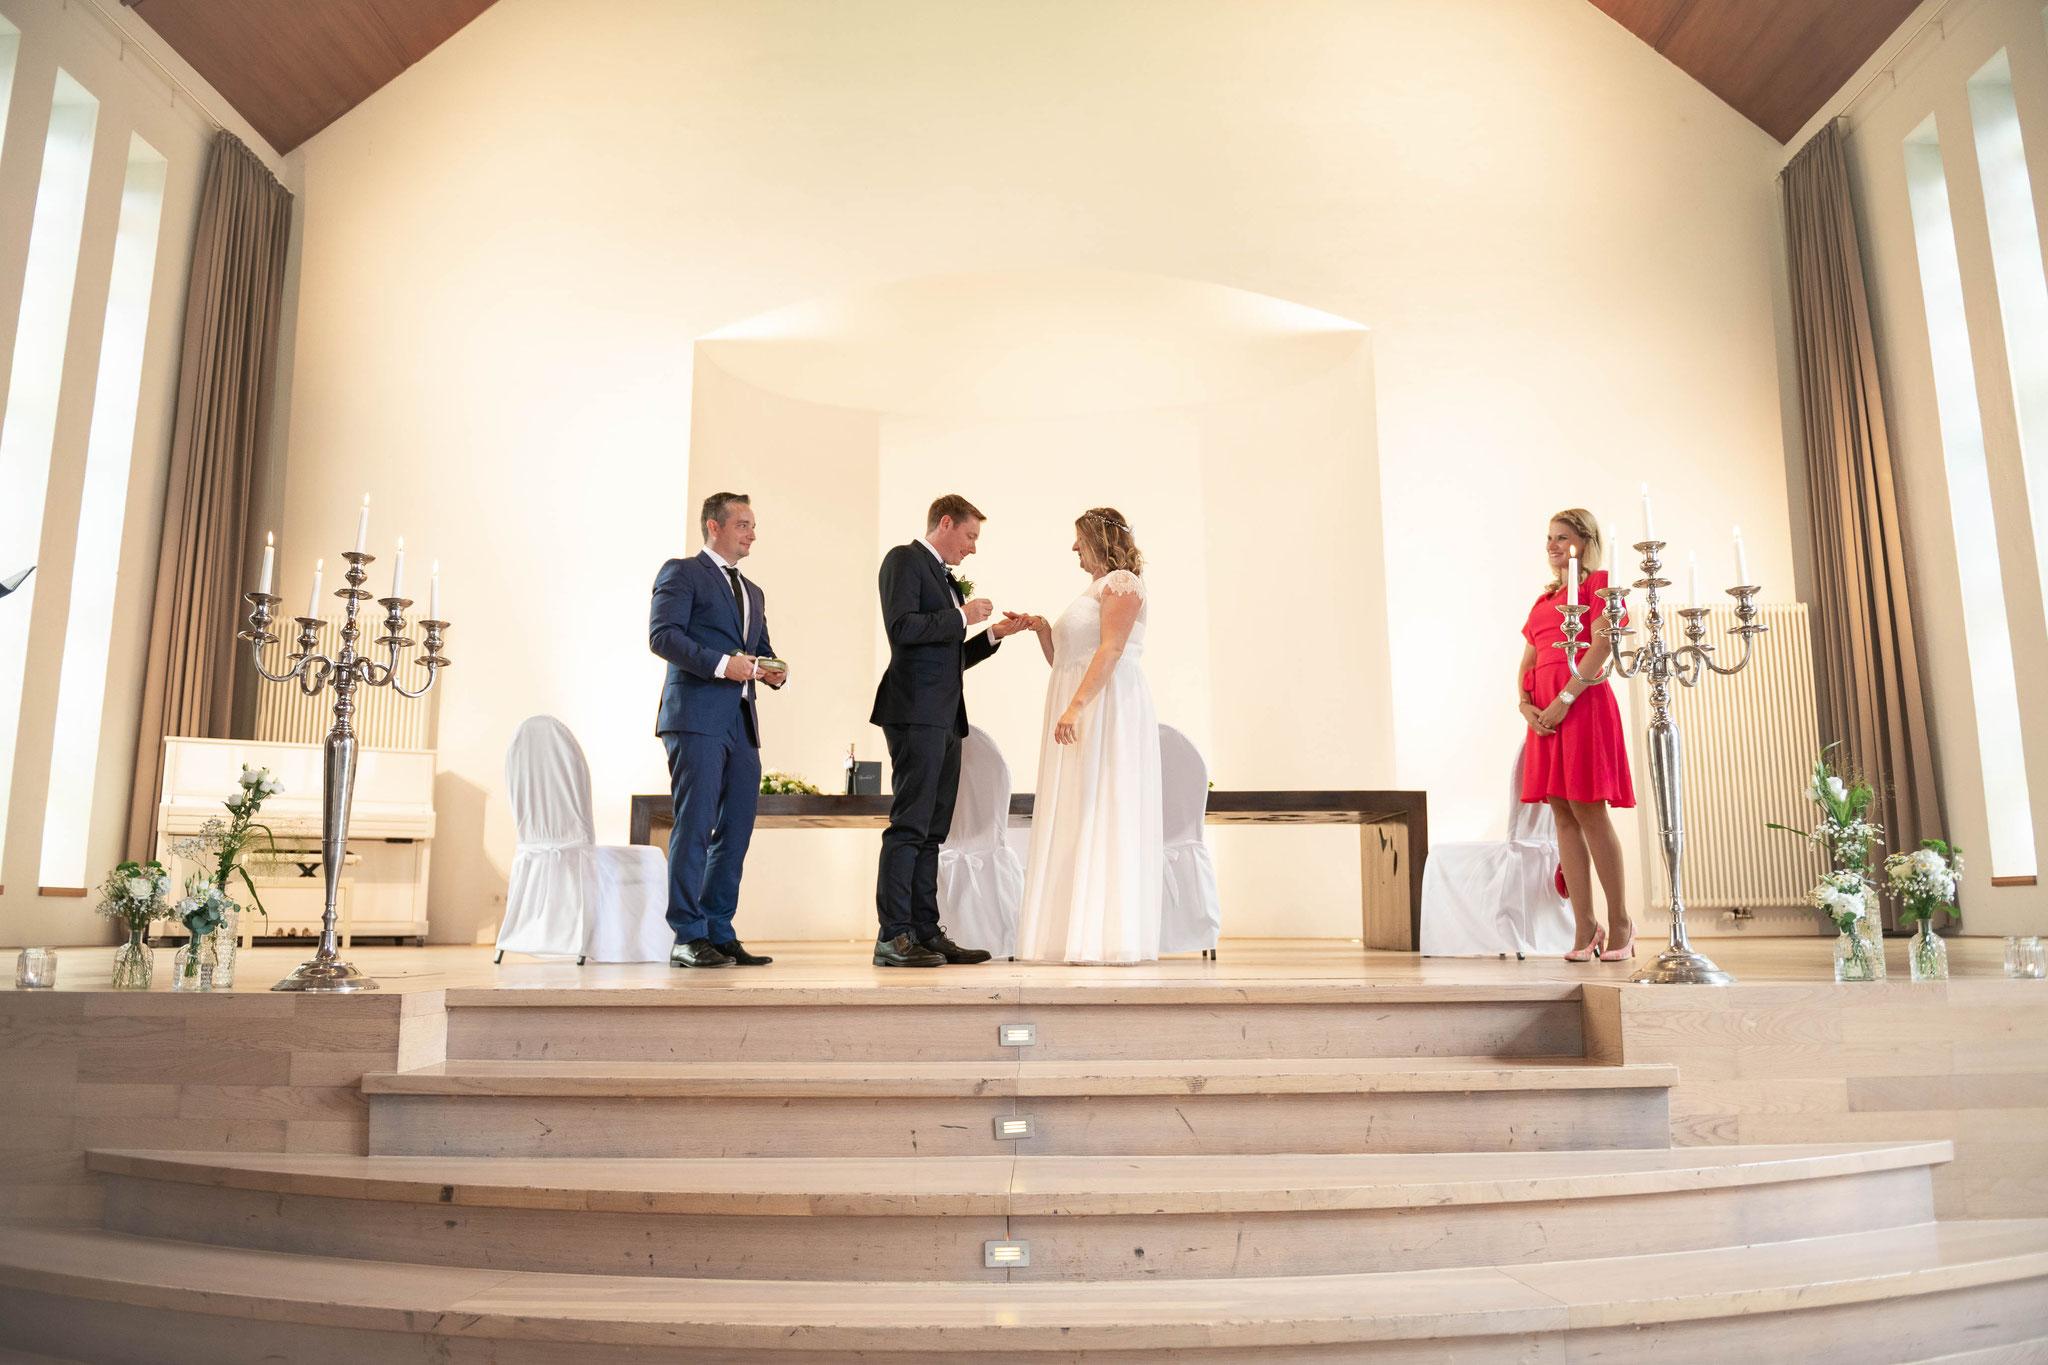 Im Auftrag der Liebe - Der Bräutigam zieht seine Braut den Ring über den Finger